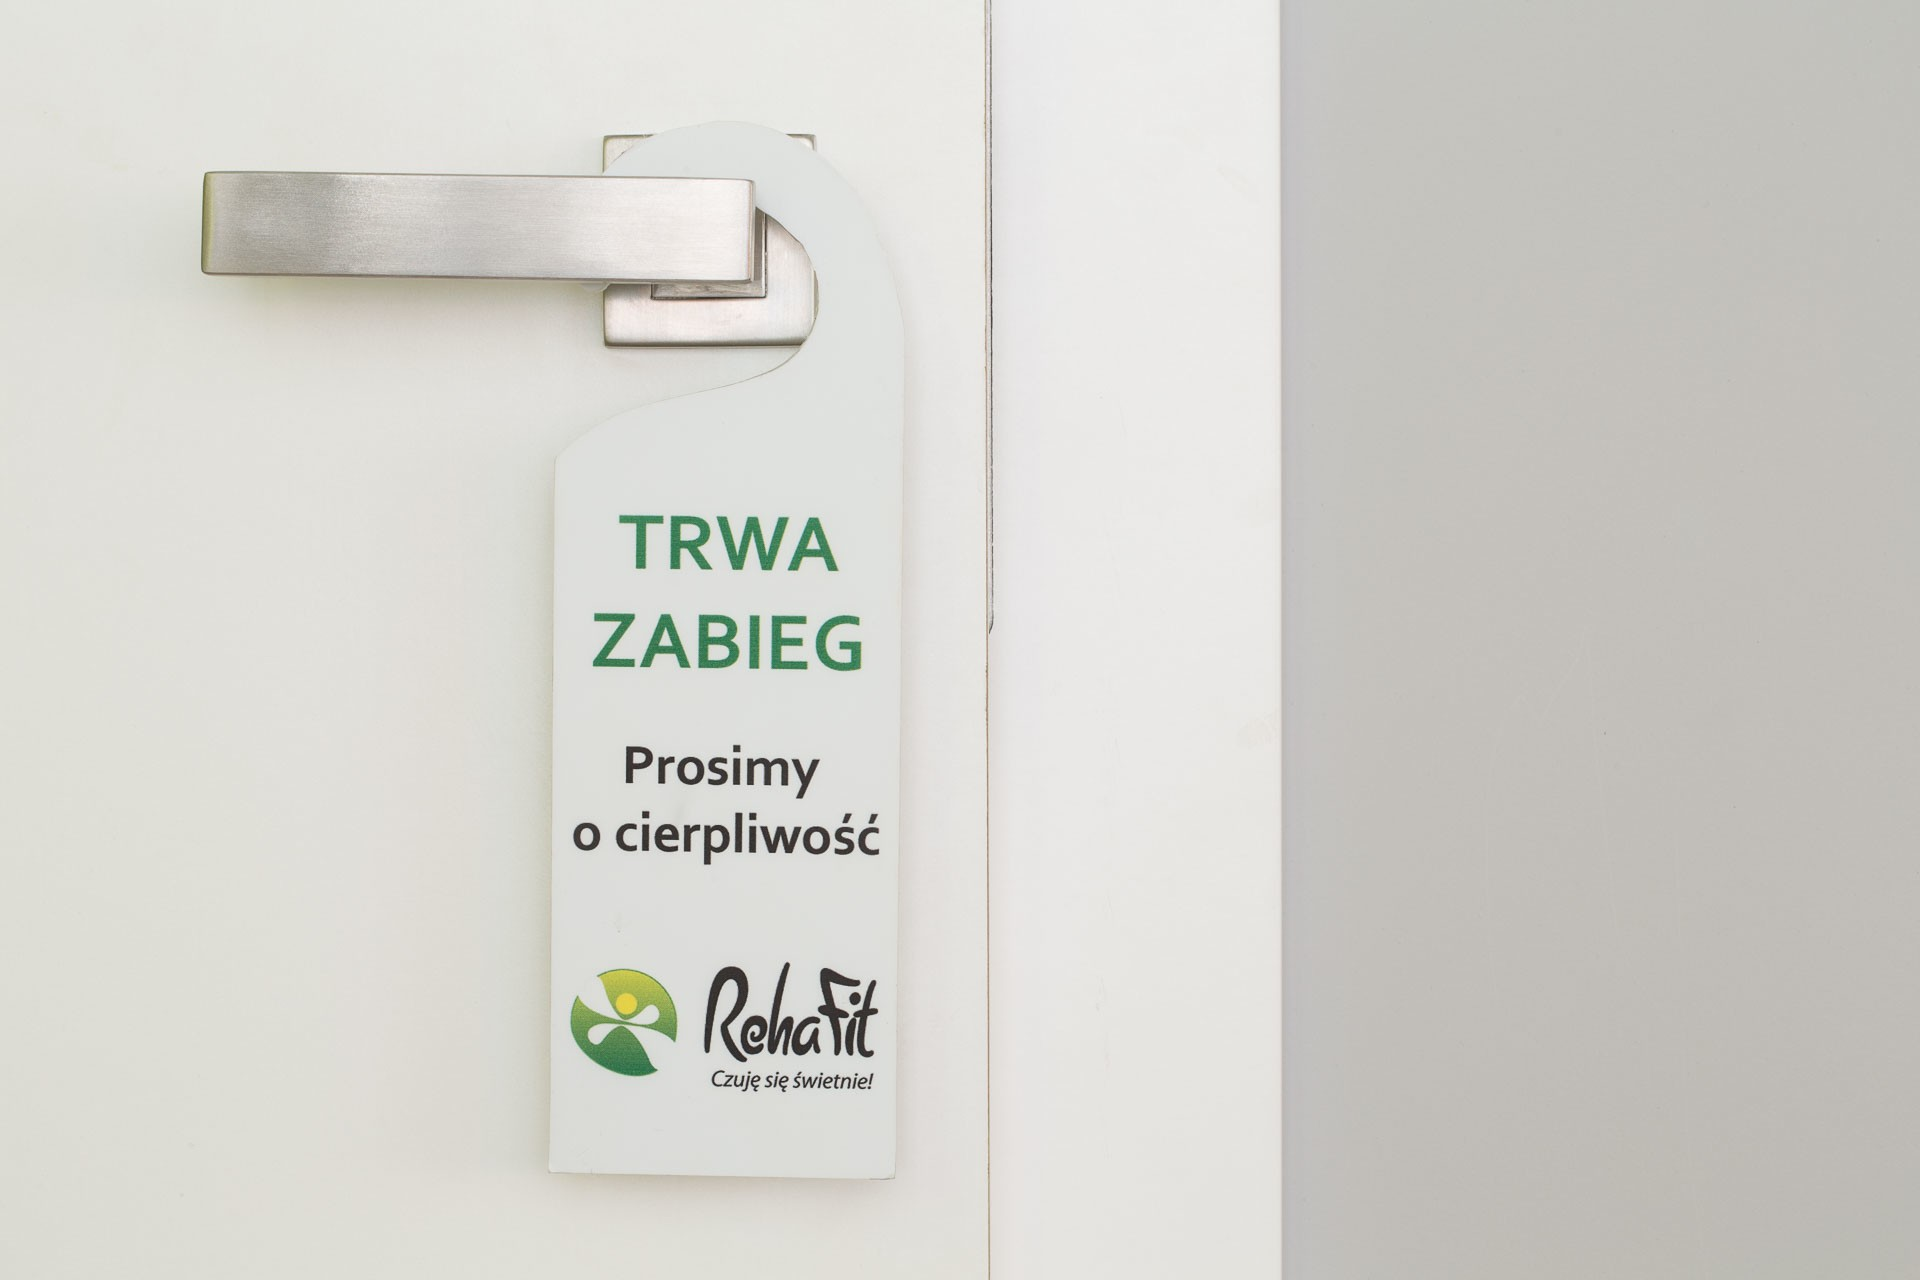 Trwa zabieg w centrum rehabilitacji RehaFit